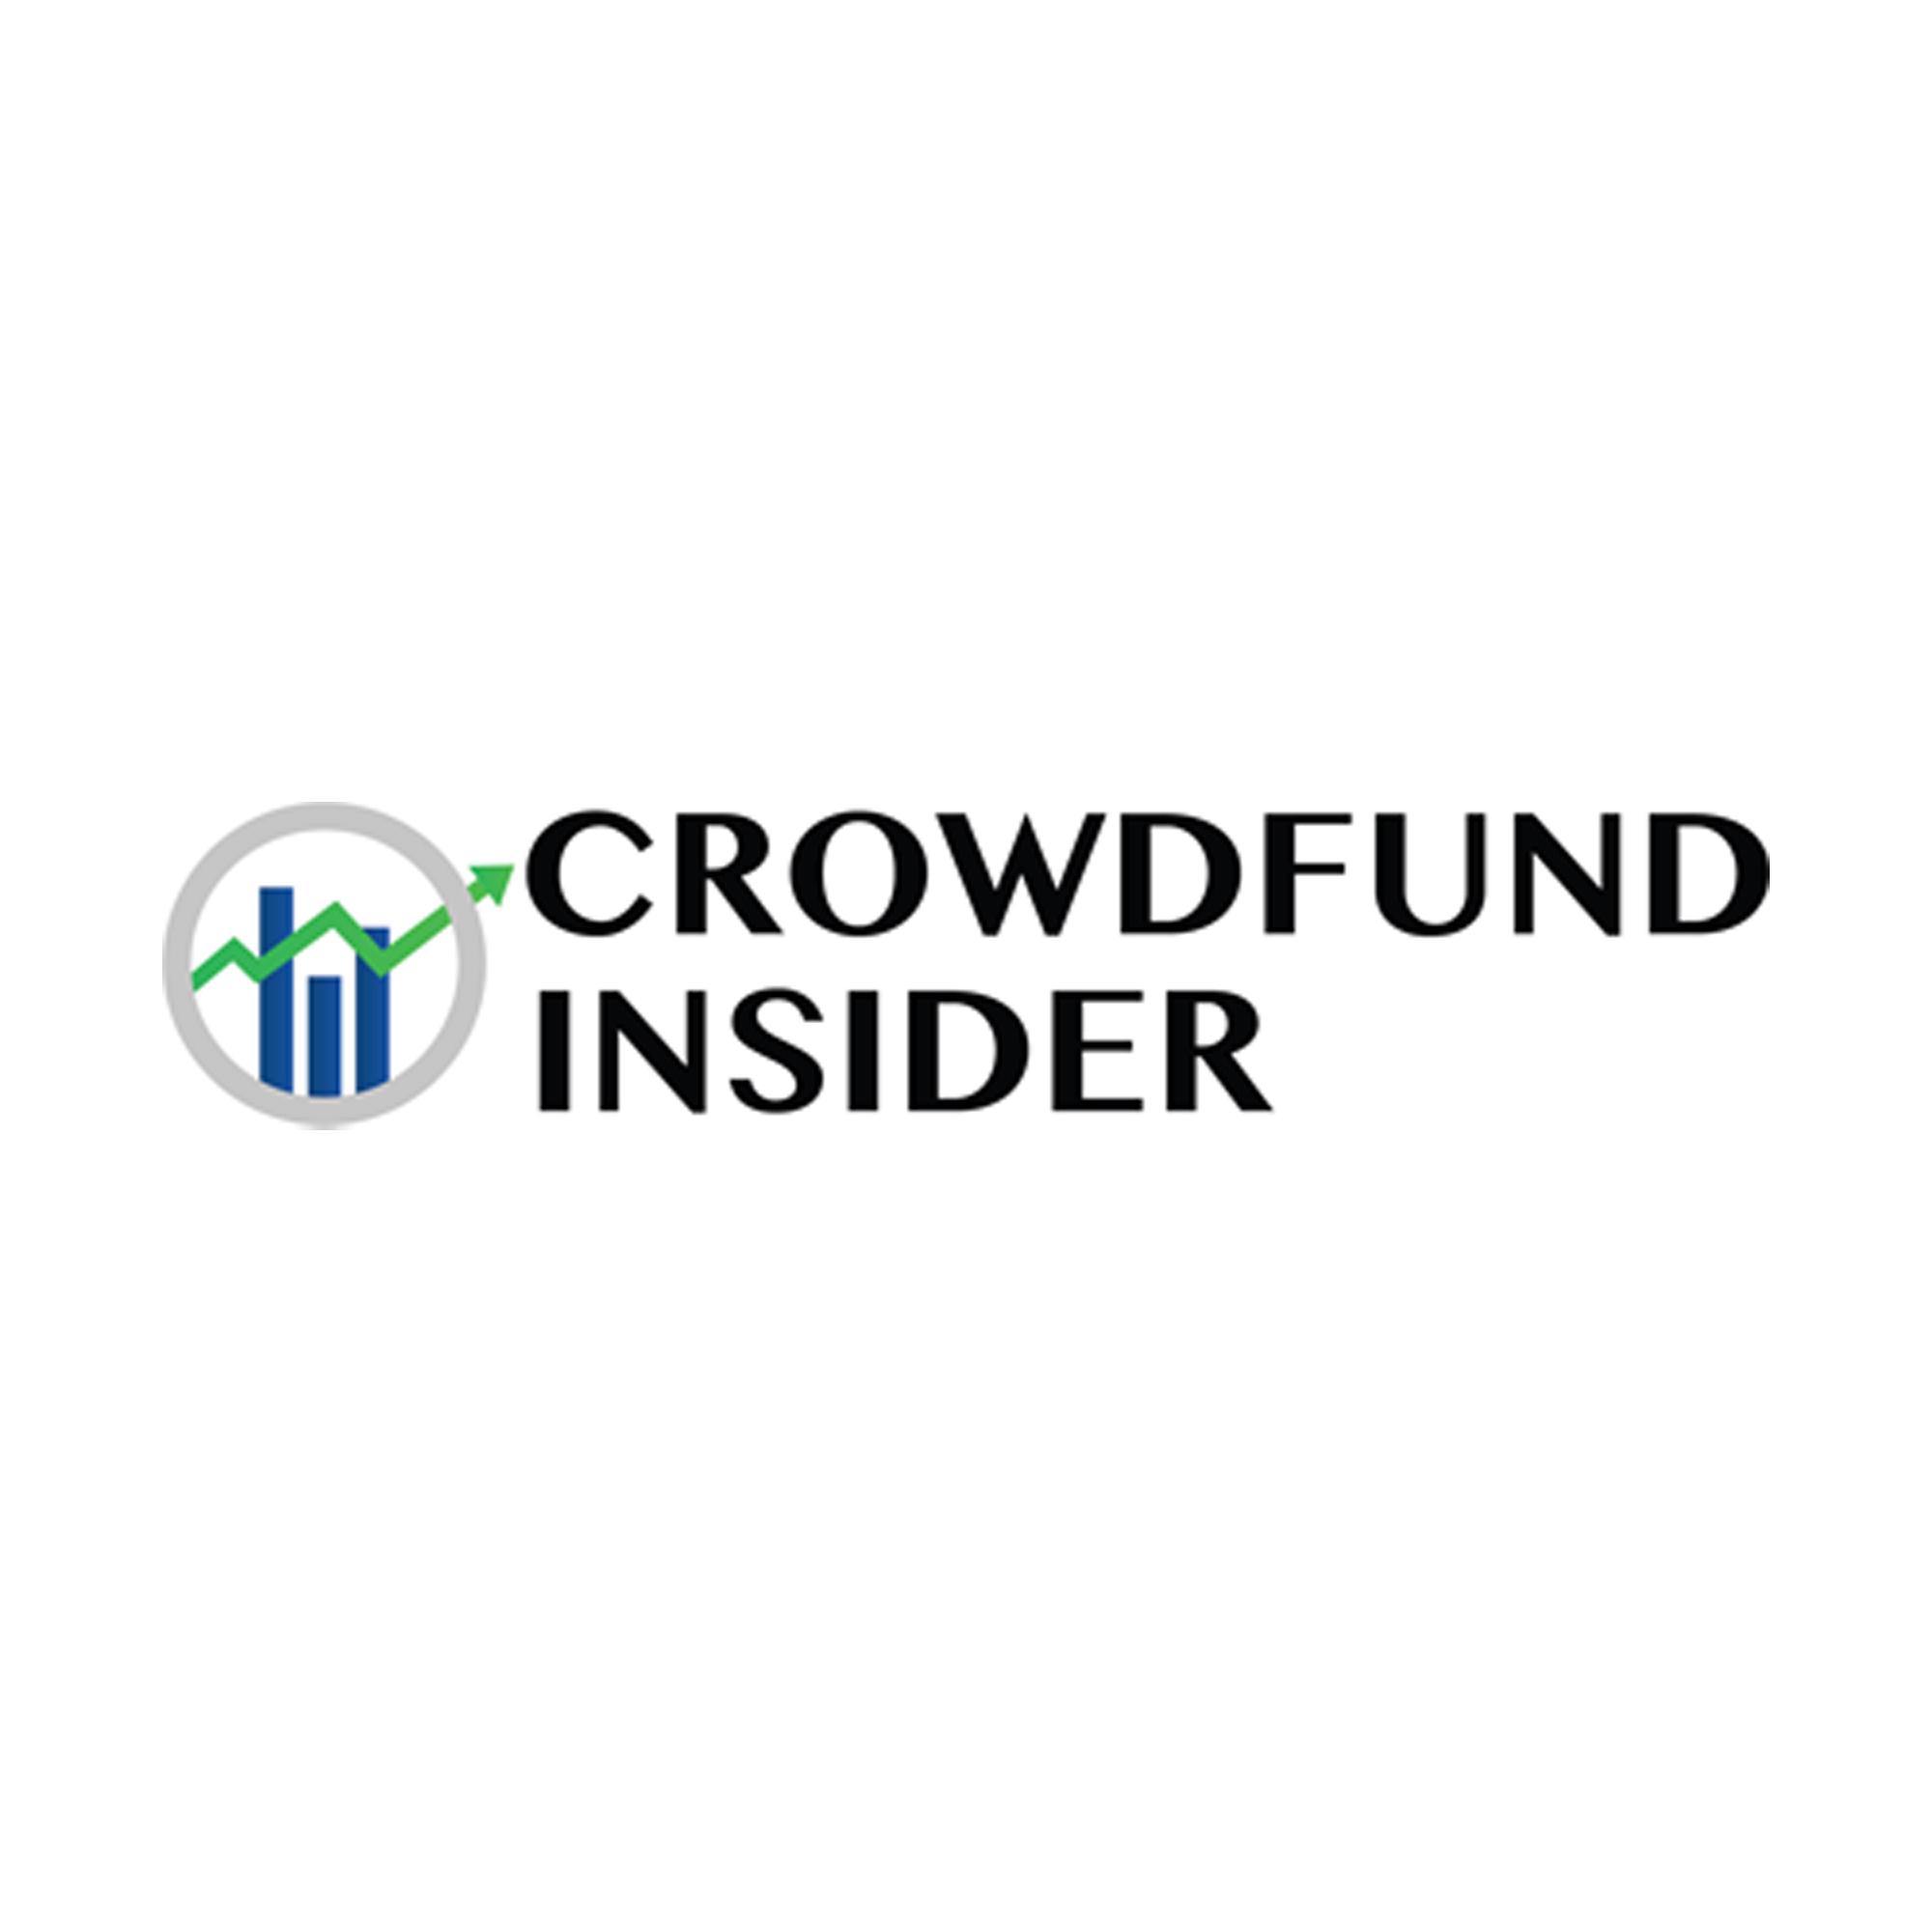 Crowdfund Insider.jpg